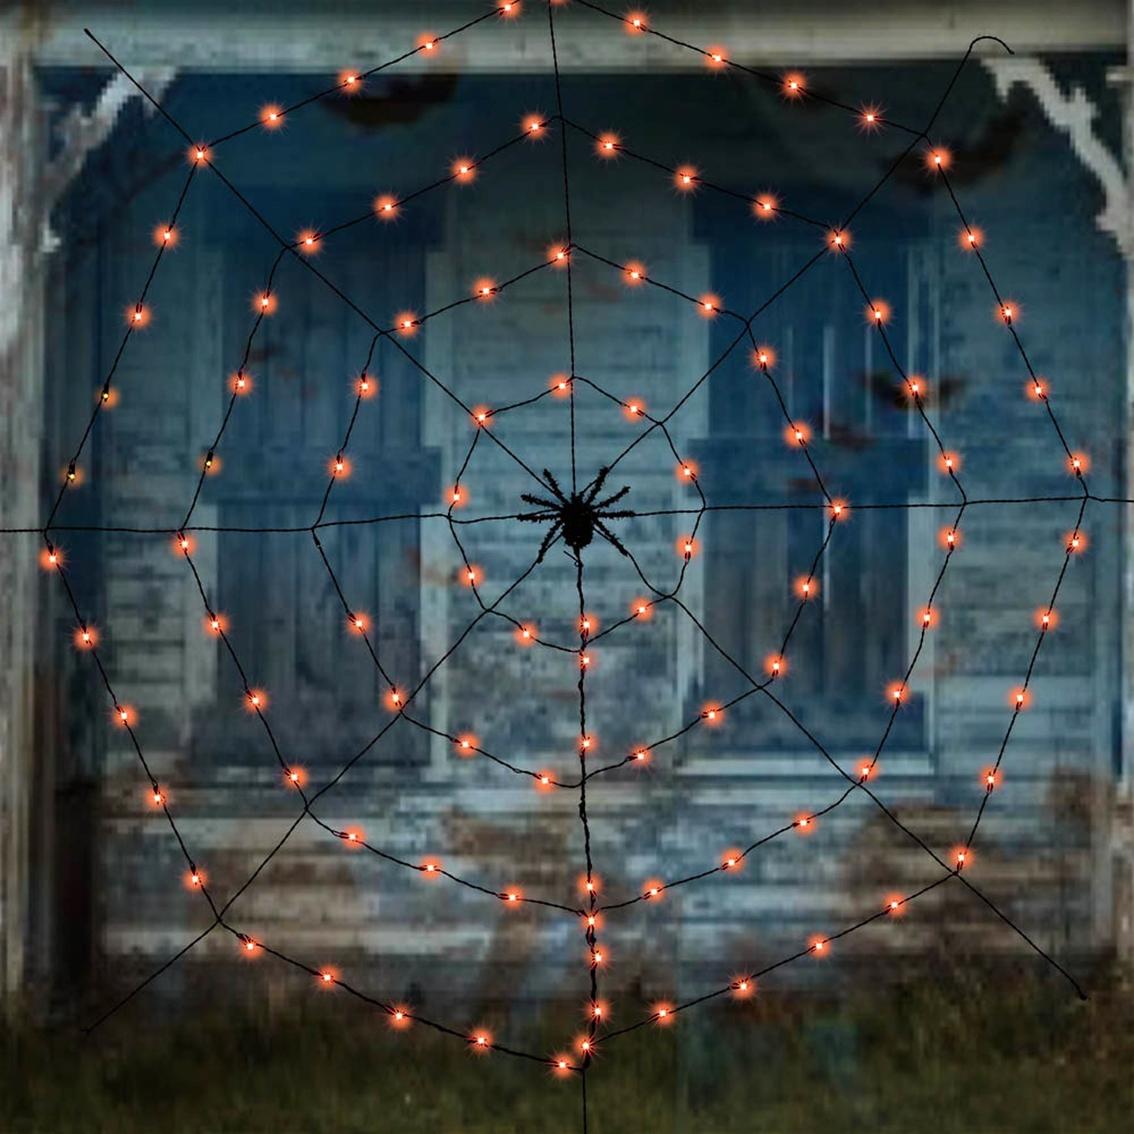 Spider Web Light Set 7 Ft